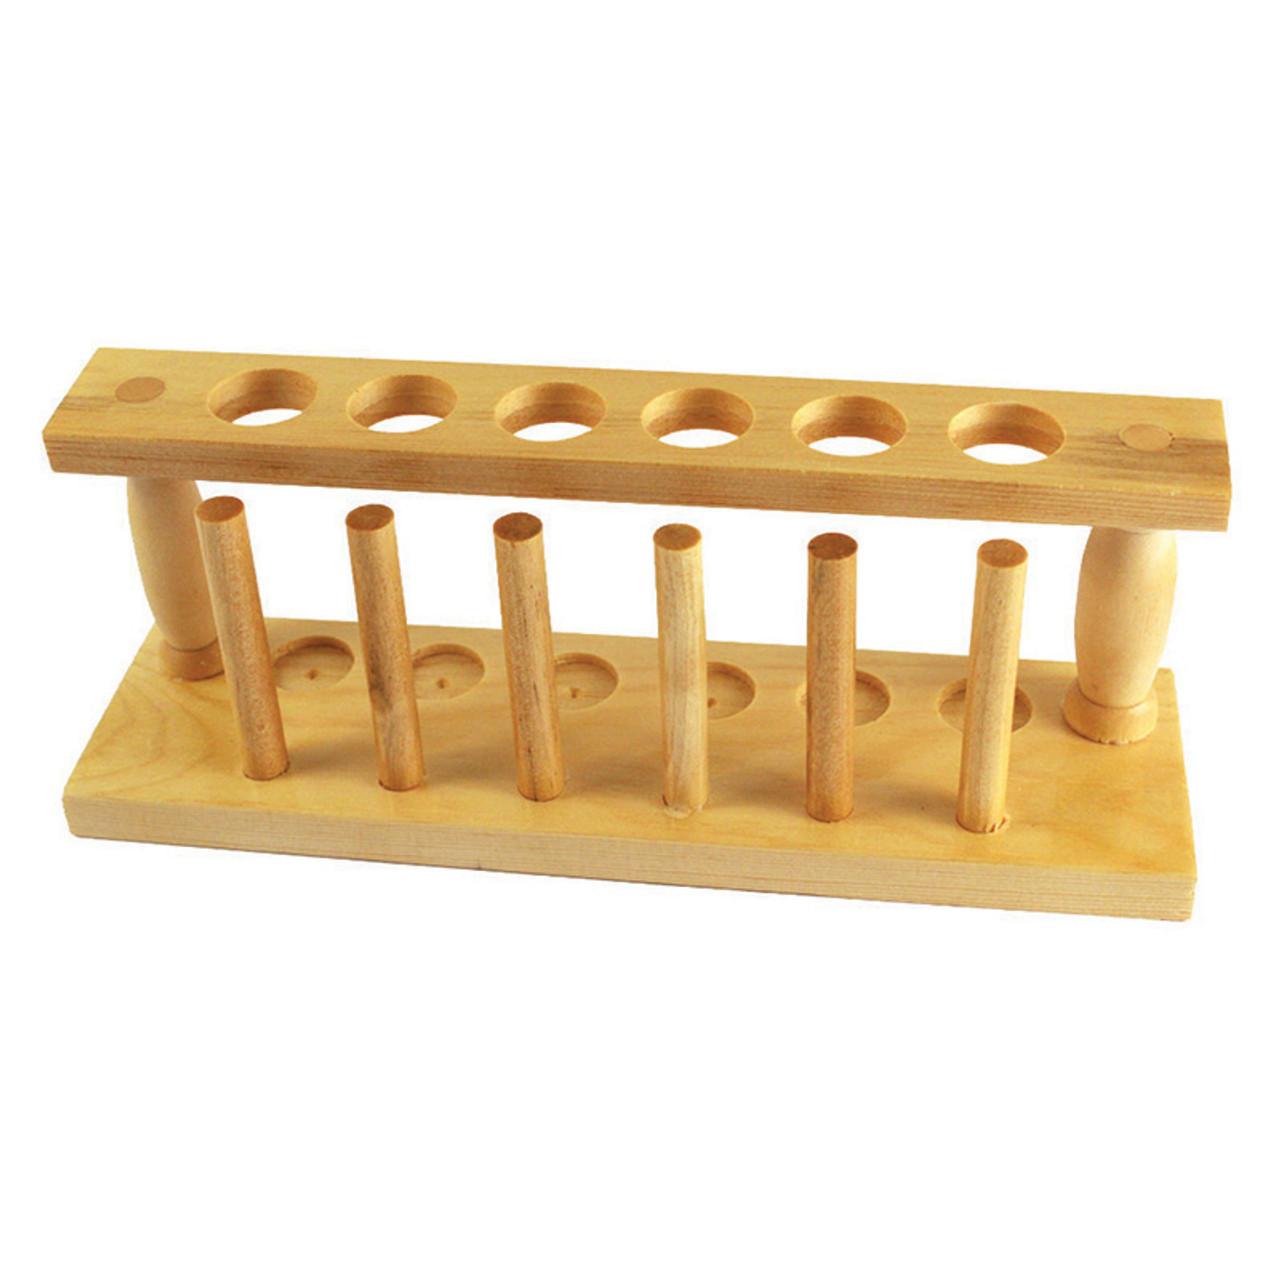 Test Tube Rack, Wooden